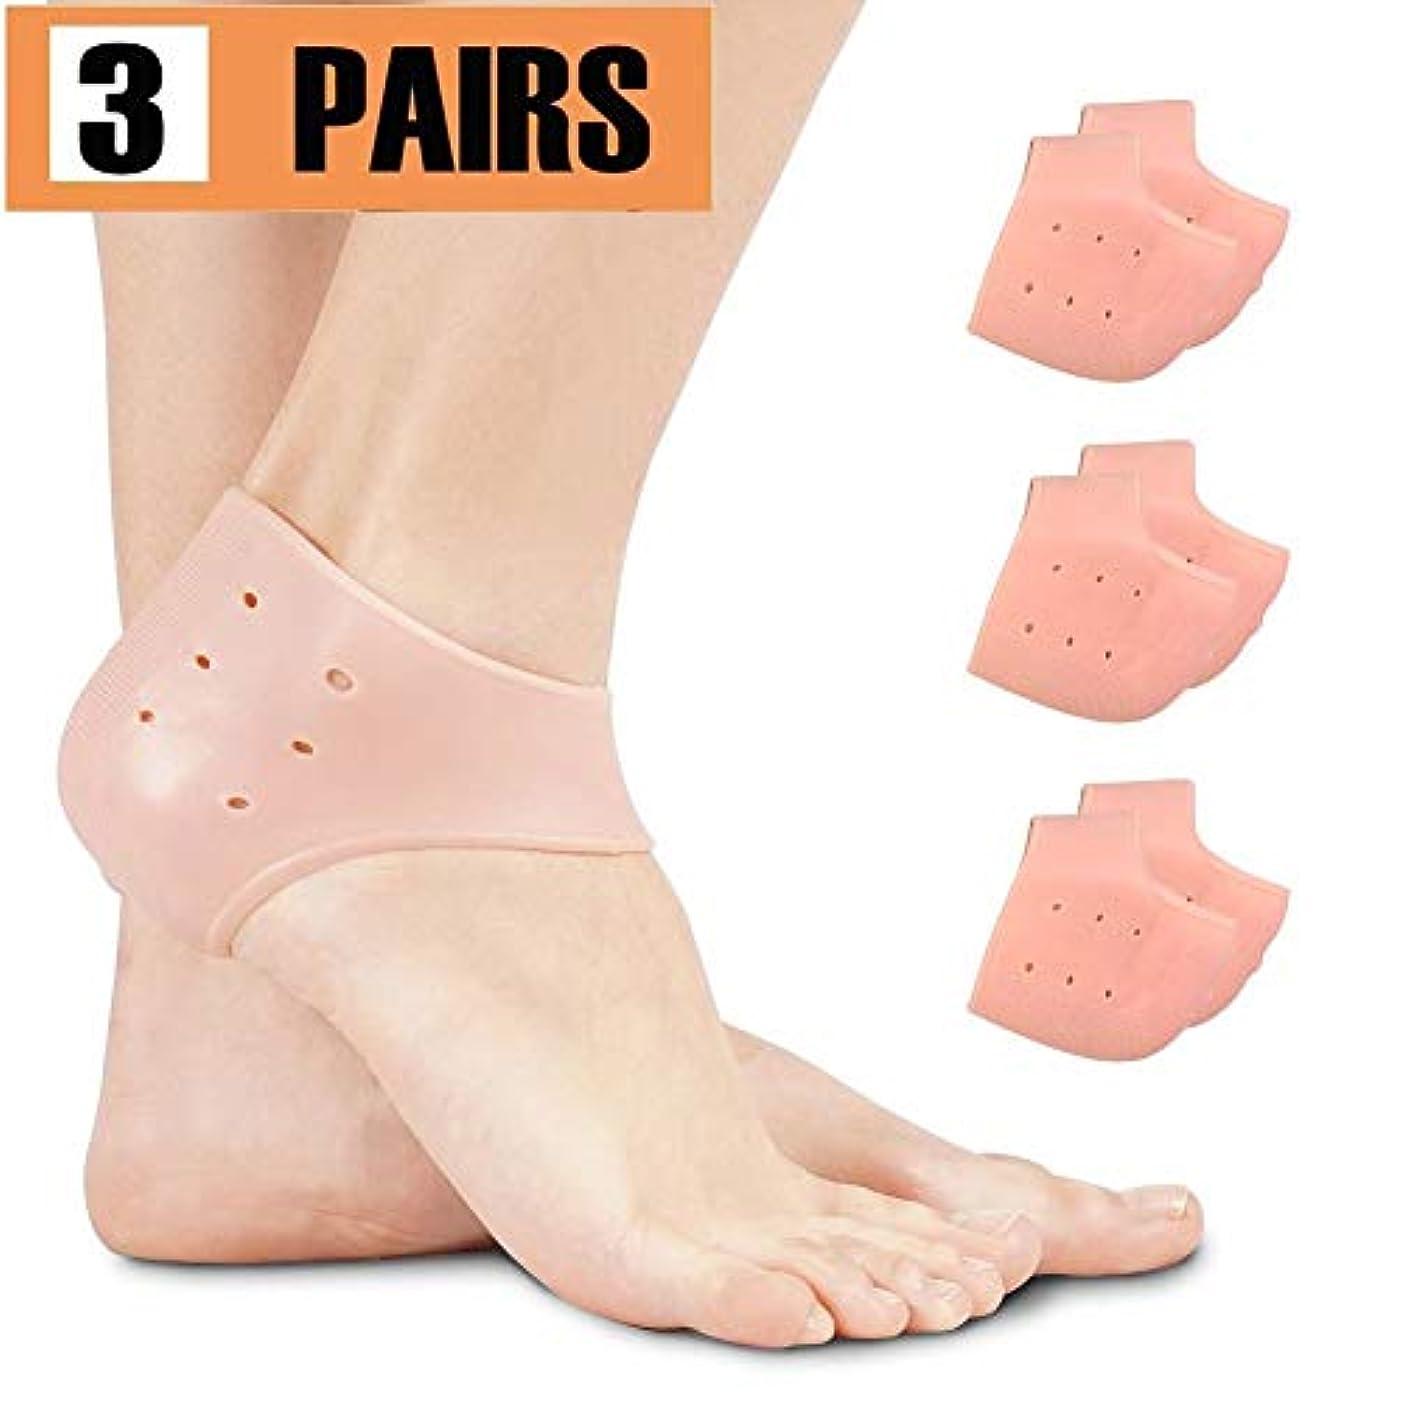 物理的に突然の首かかと保護カバー ヒールカップ足底筋膜炎インサートシリコン 衝撃吸収 通気性 ヒールの痛み緩和 シークレットインソール 保湿 かかと靴下 男女兼用